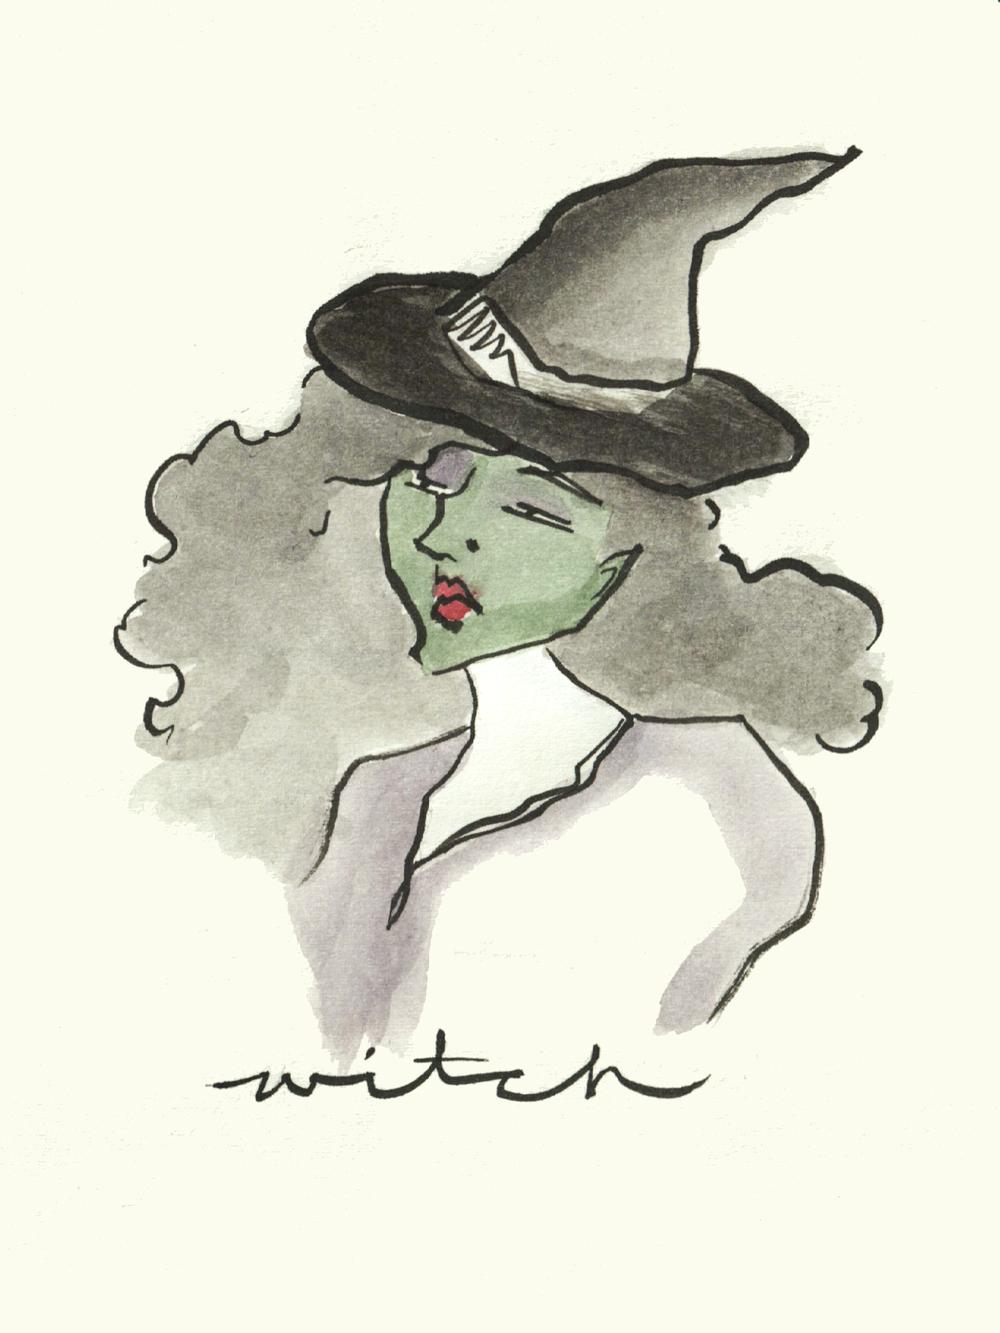 W_Witch.jpg